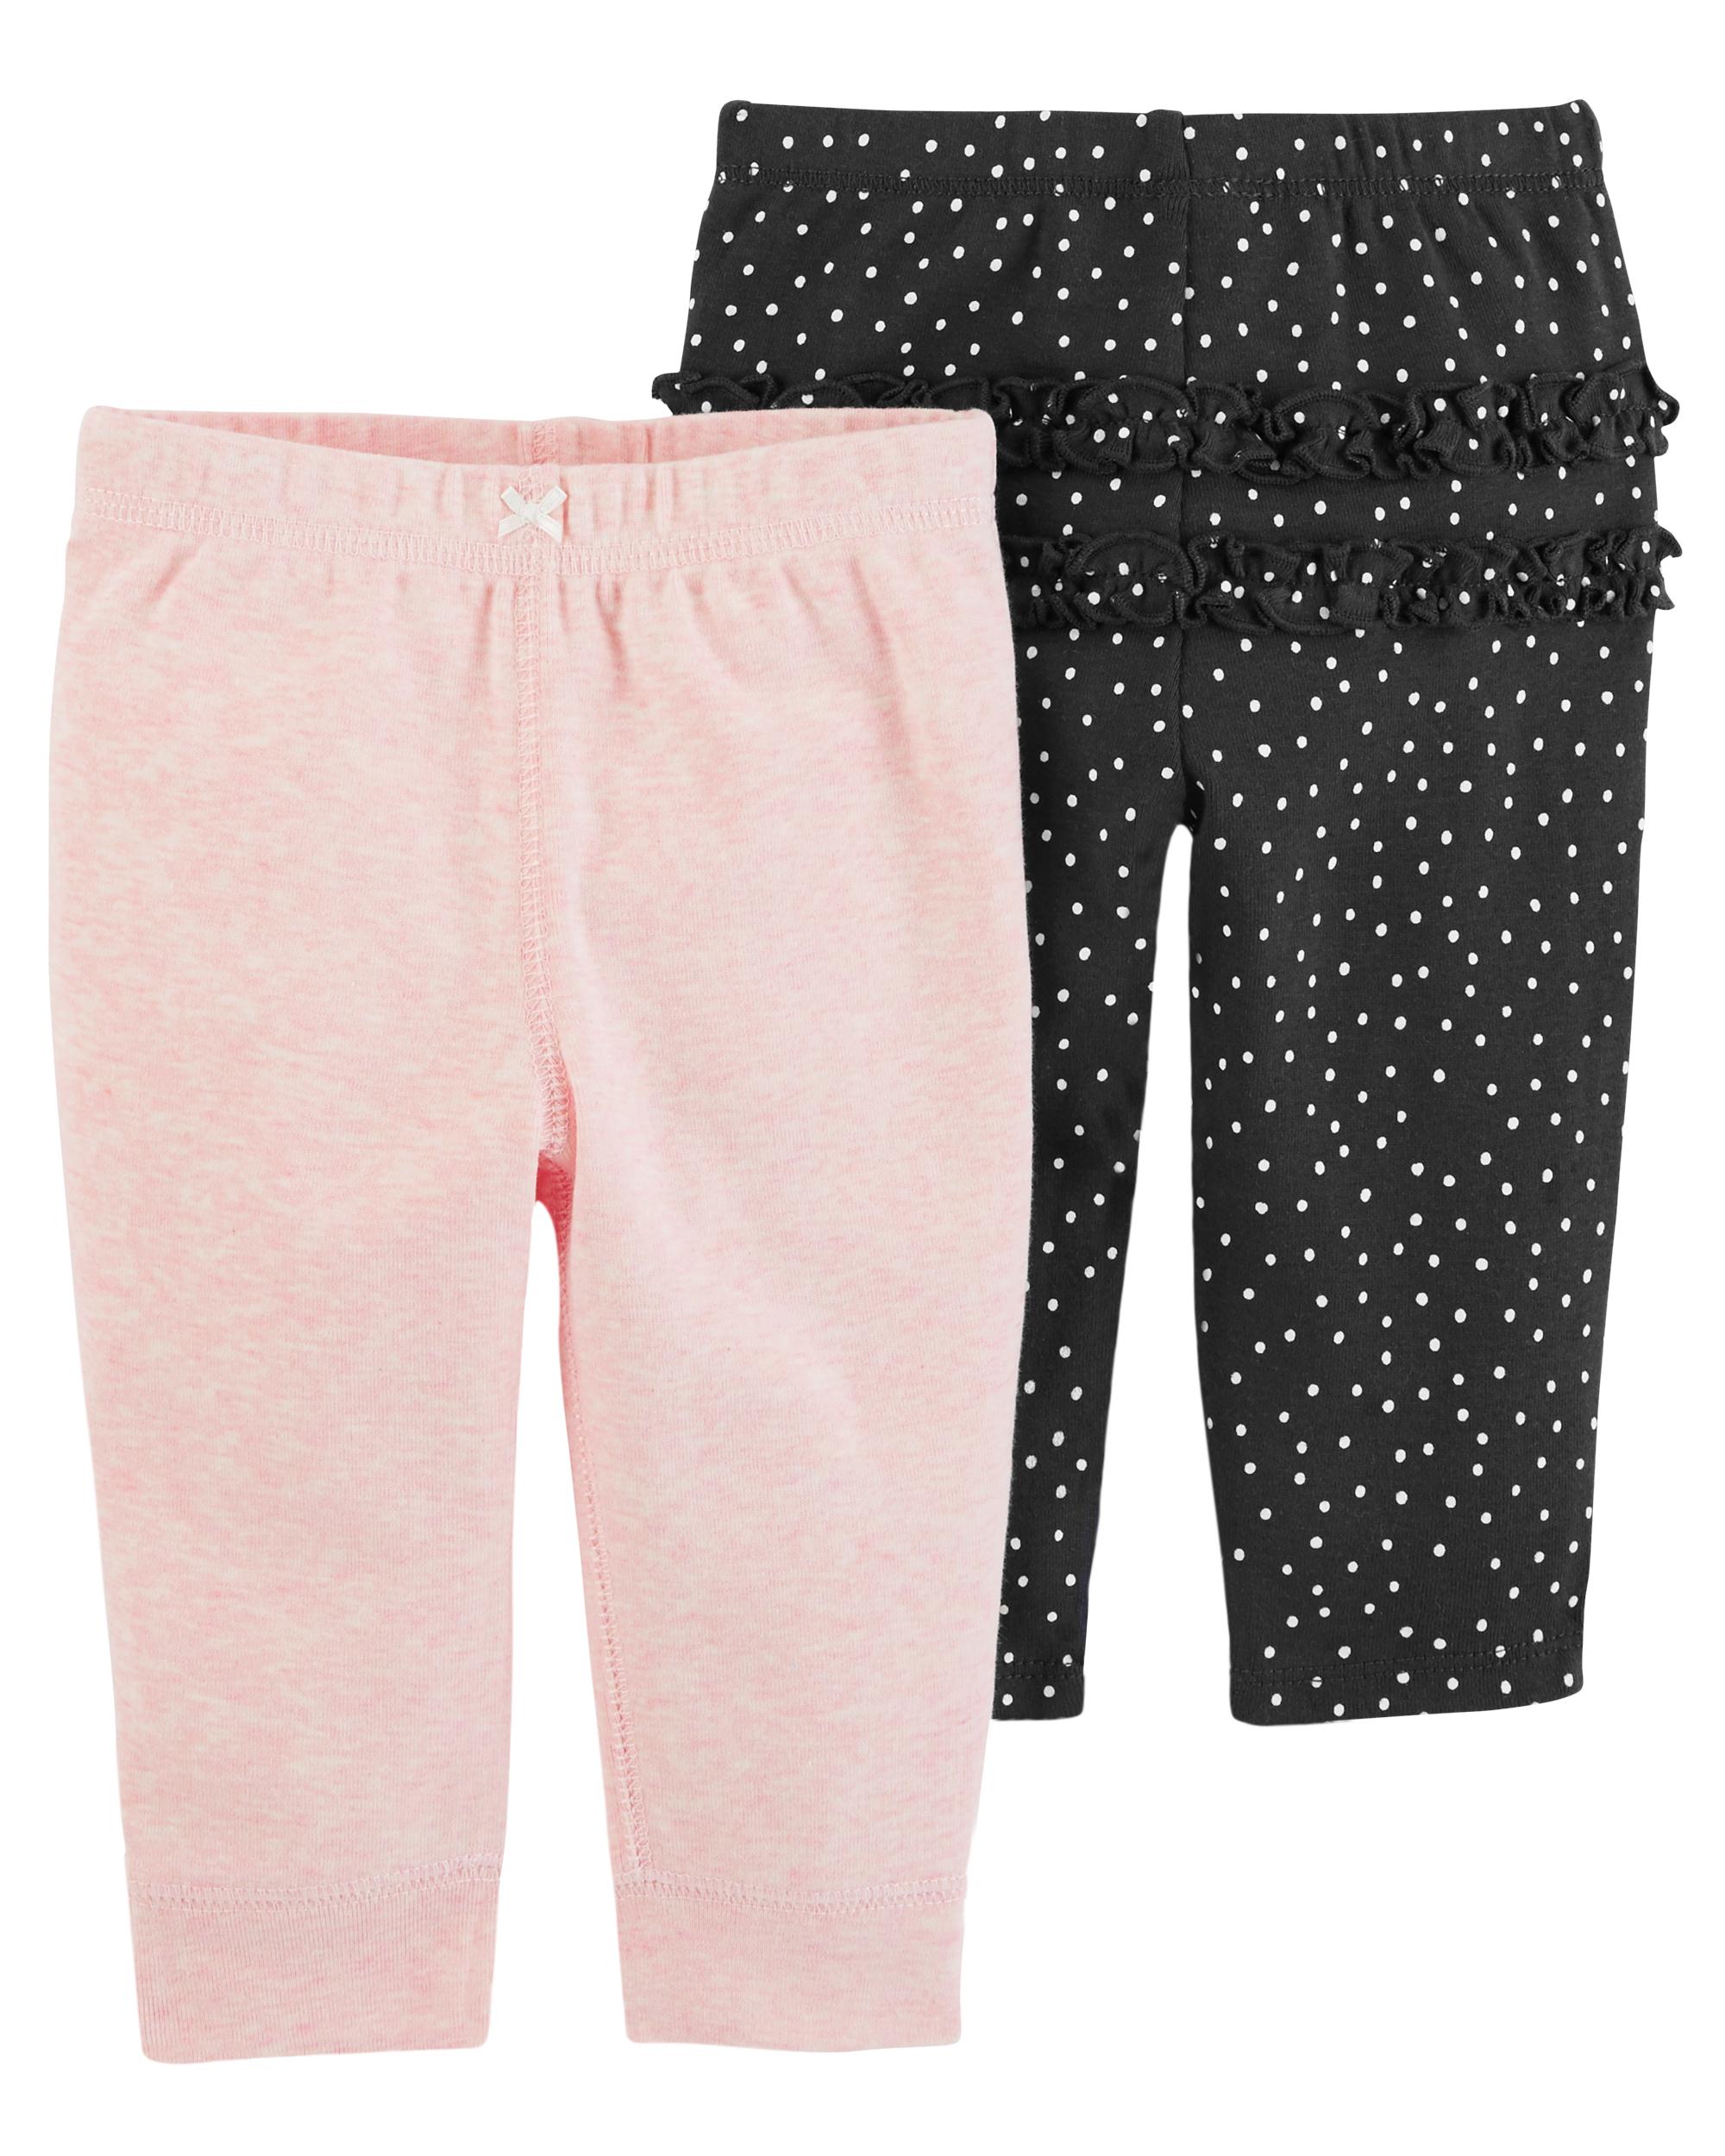 זוג מכנסיים מנוקד/ורוד